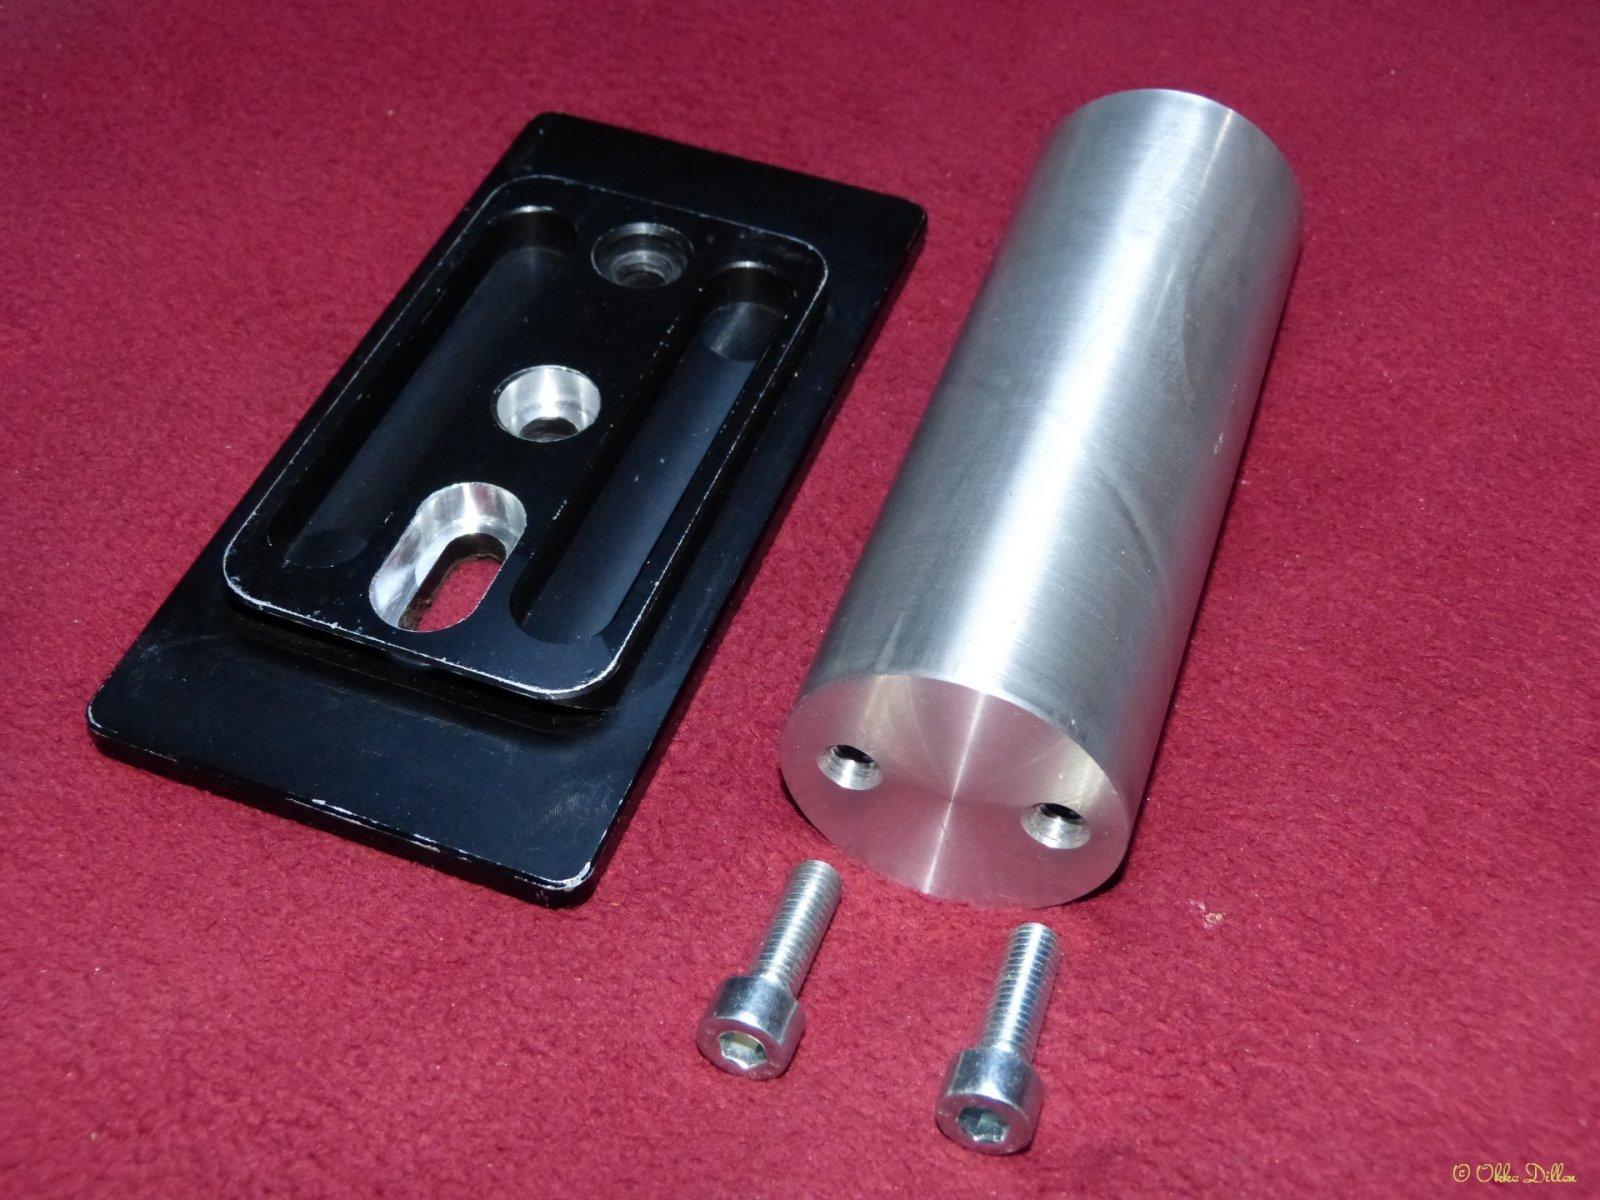 05 - Schnellspannplatte befräst und Maststummel_fhd_fc.jpg